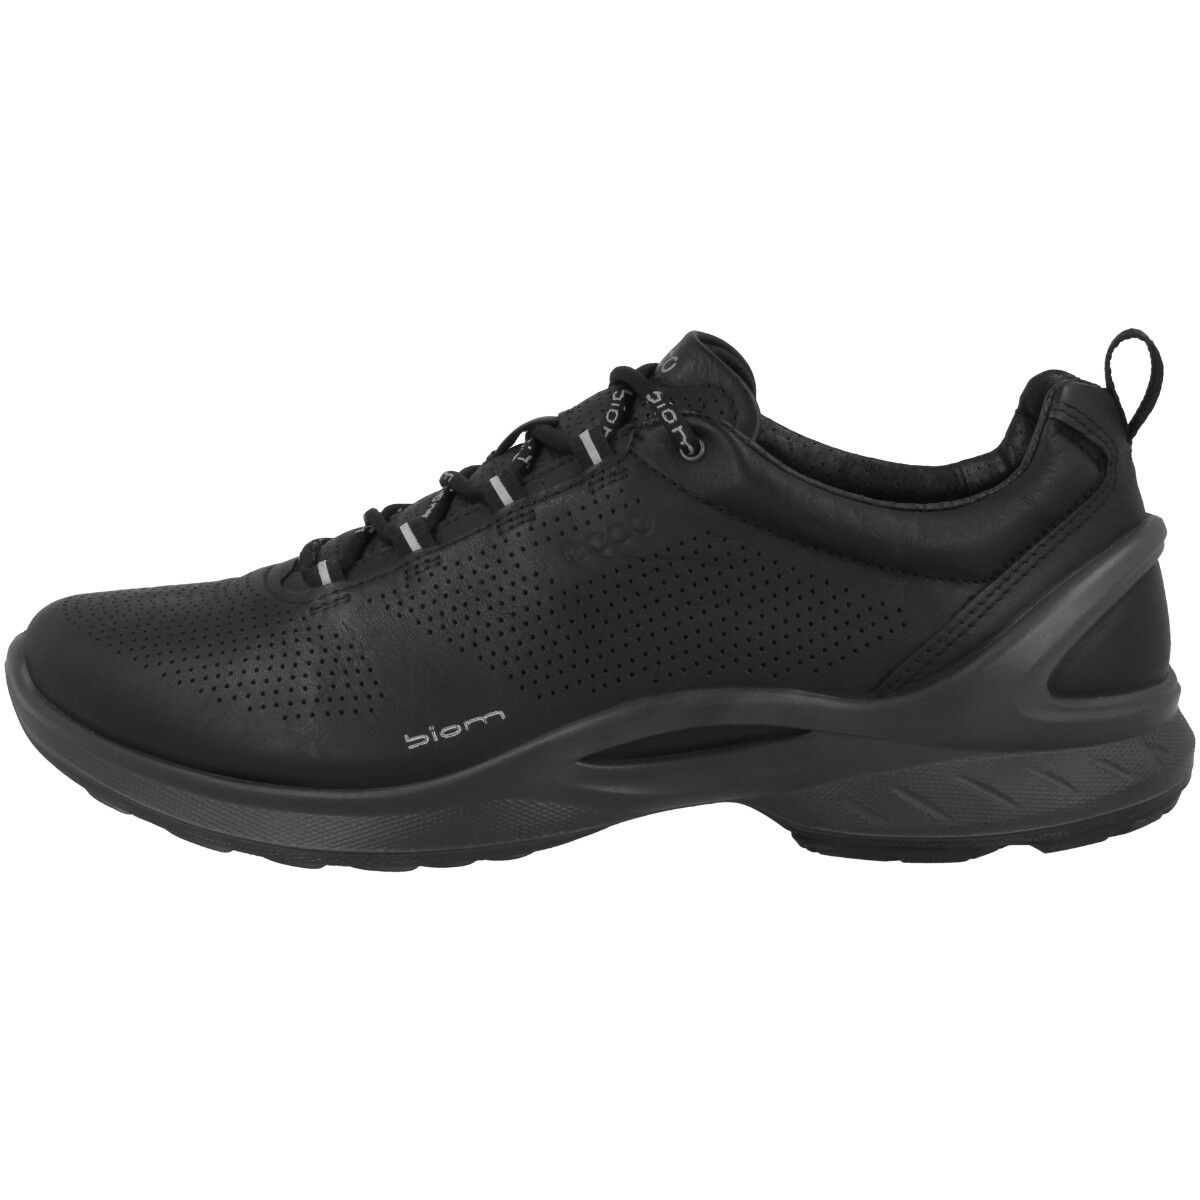 Ecco Biom fjuel Joule Scarpe natural motion scarpe da ginnastica Donna nero 837513-01001 | Modalità moderna  | Uomini/Donna Scarpa